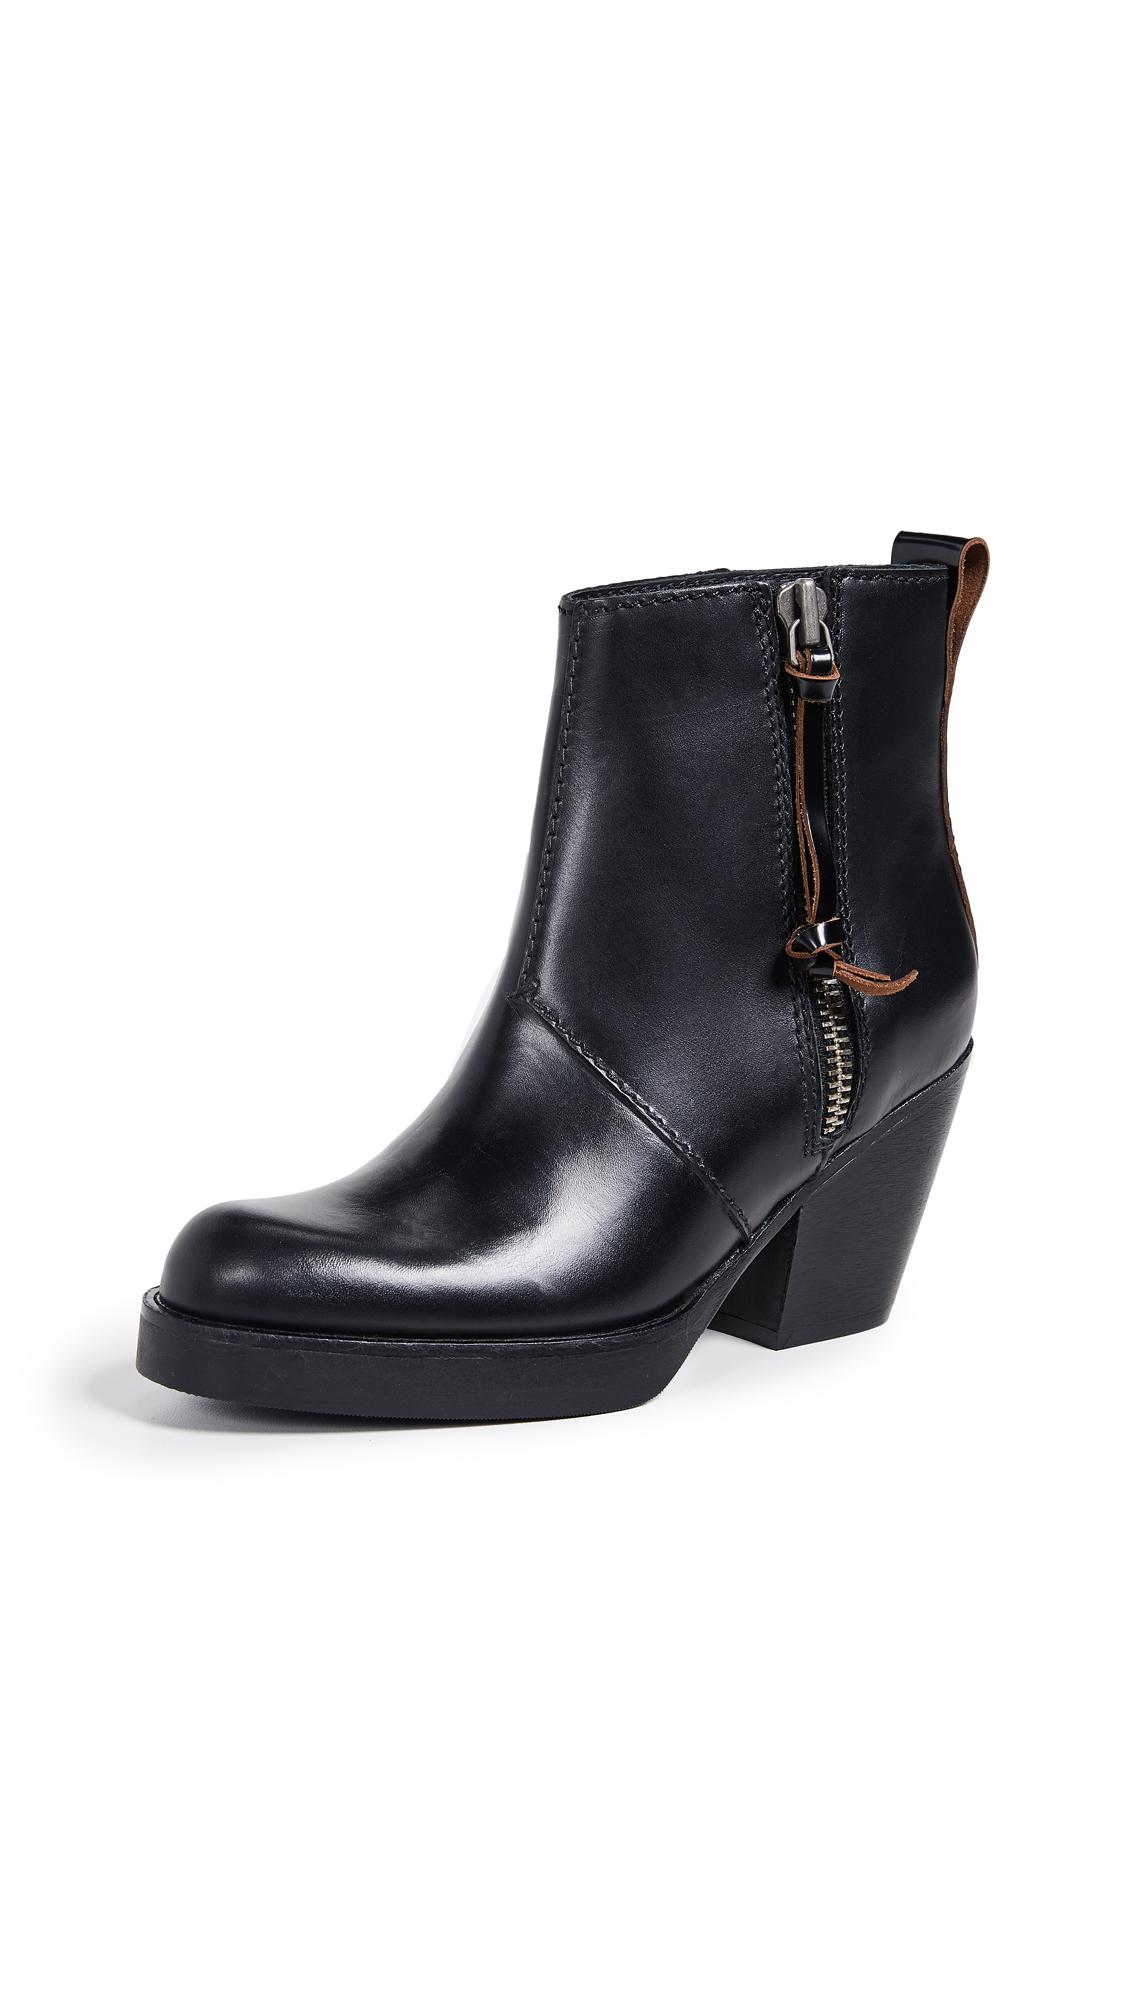 Photo of Acne Studios Pistol Booties online shoes sales